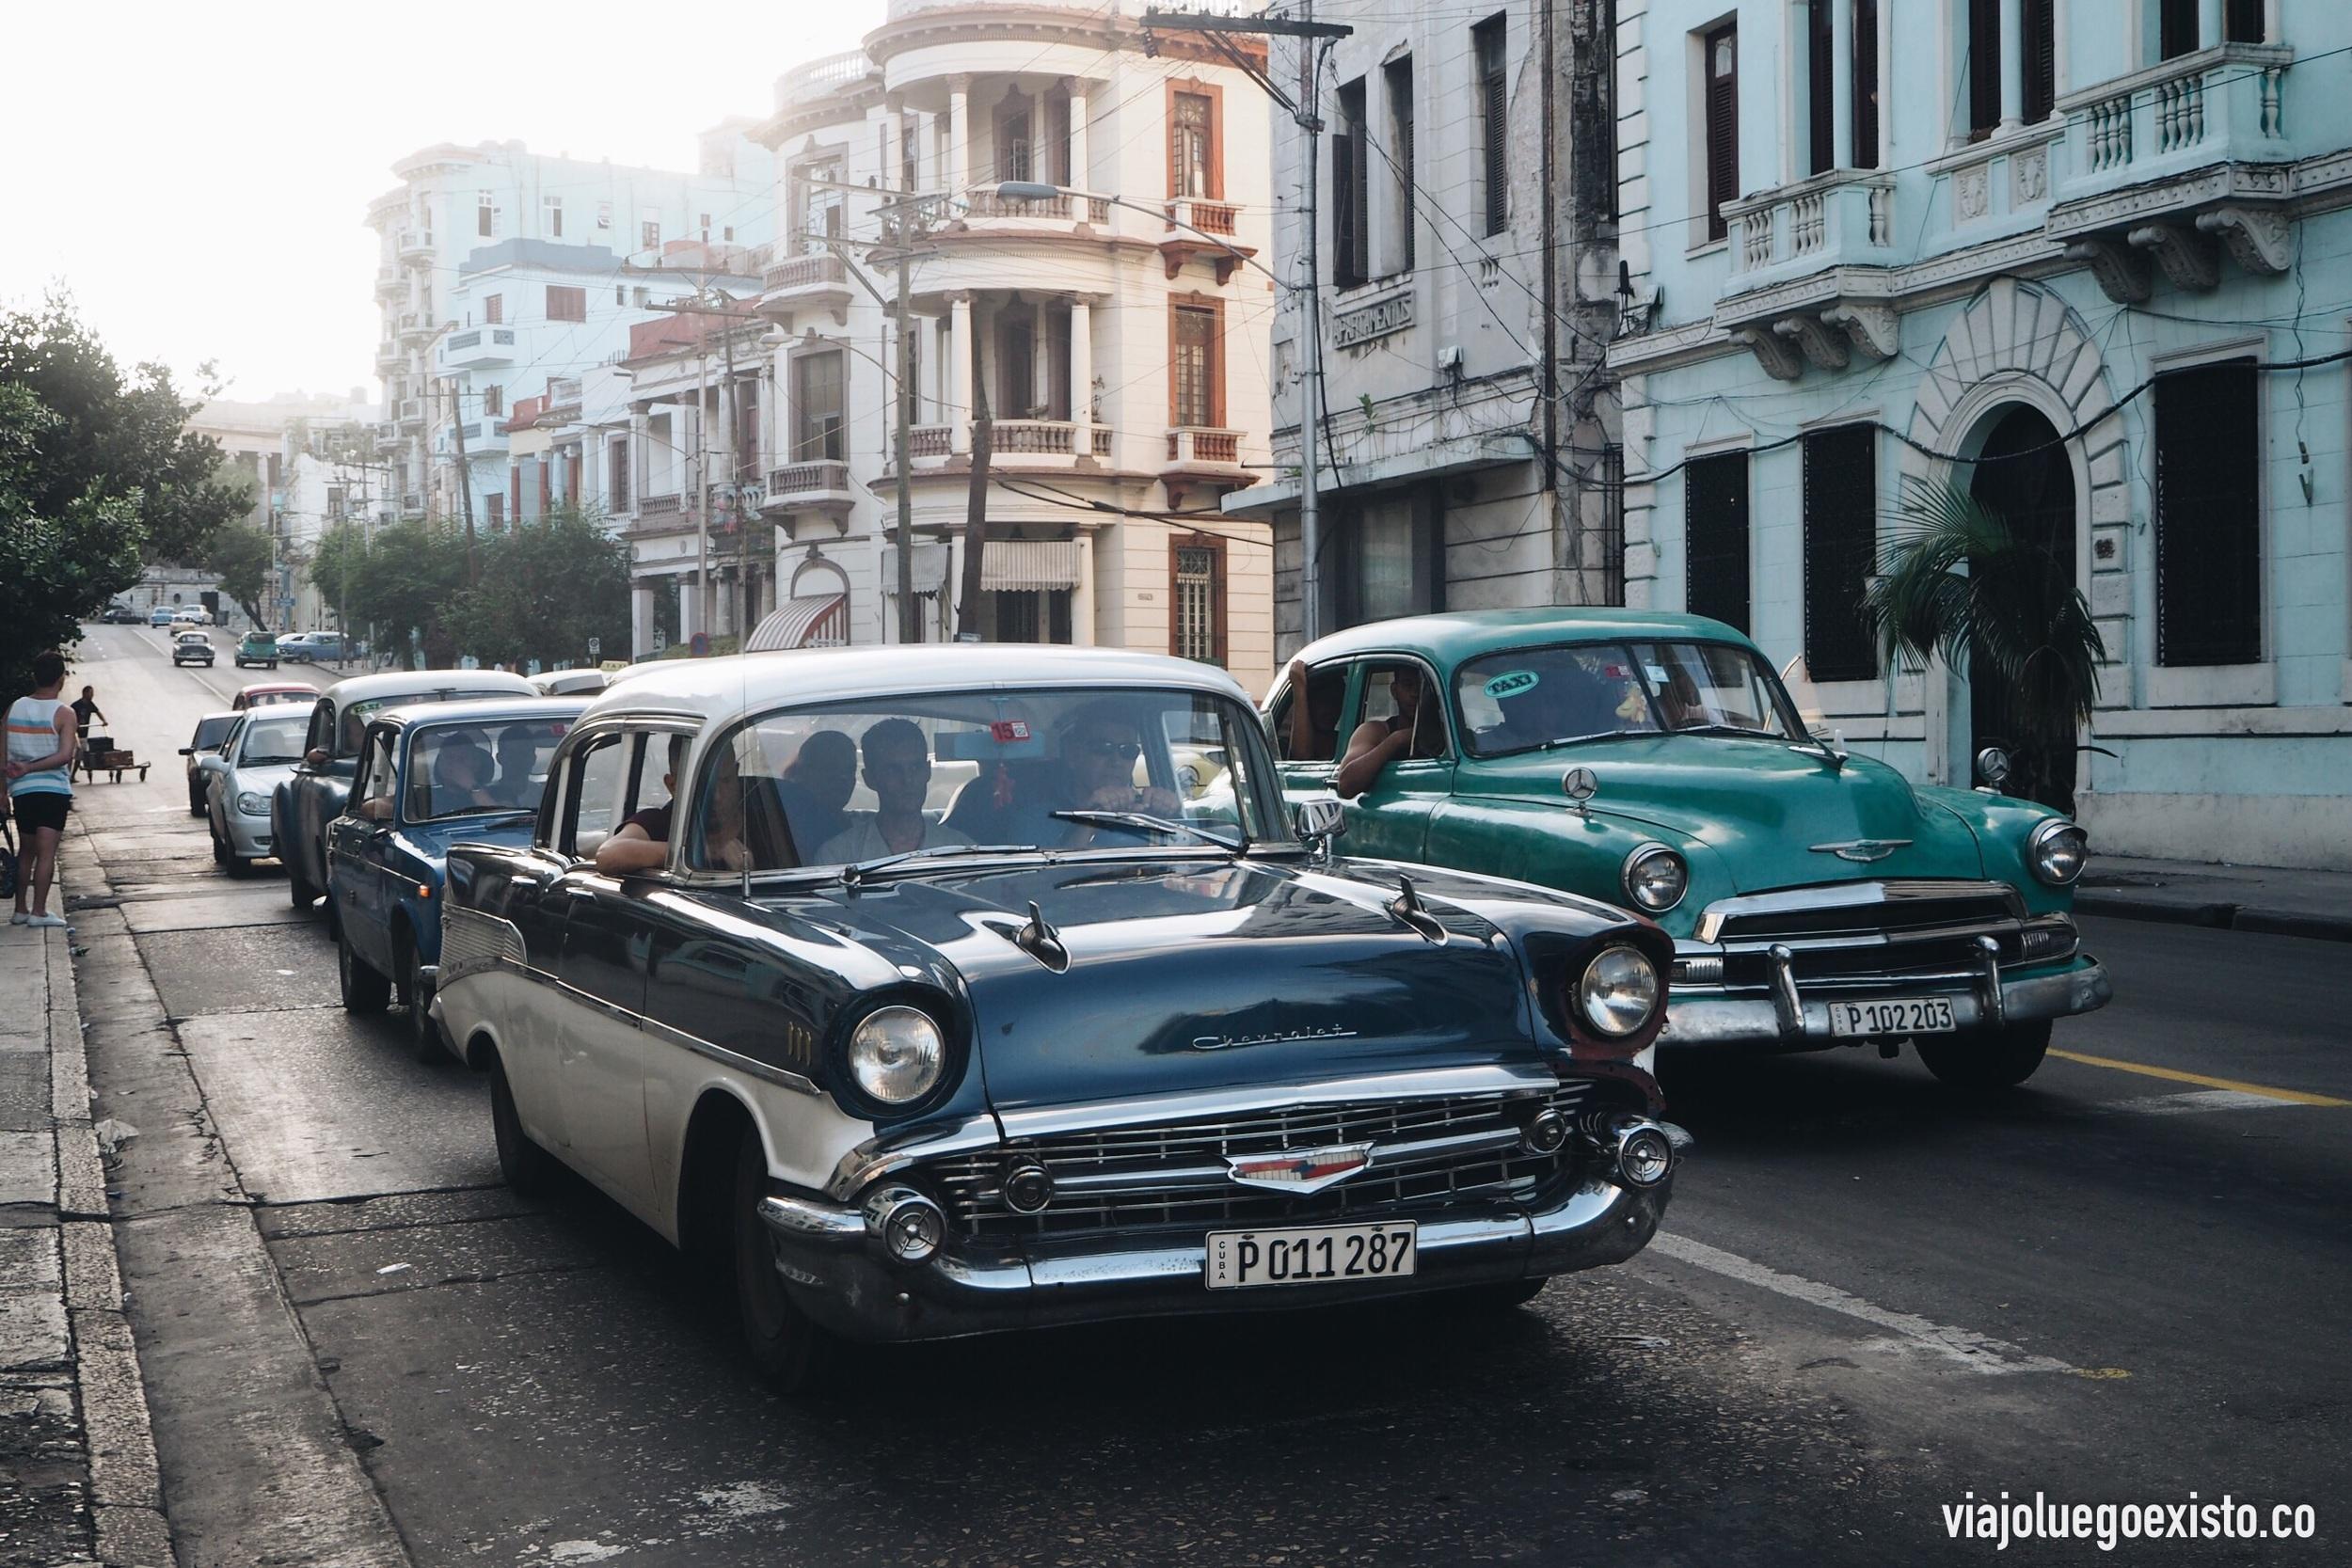 En Cuba llaman Almendrones a los coches antiguos. Están por todas partes.